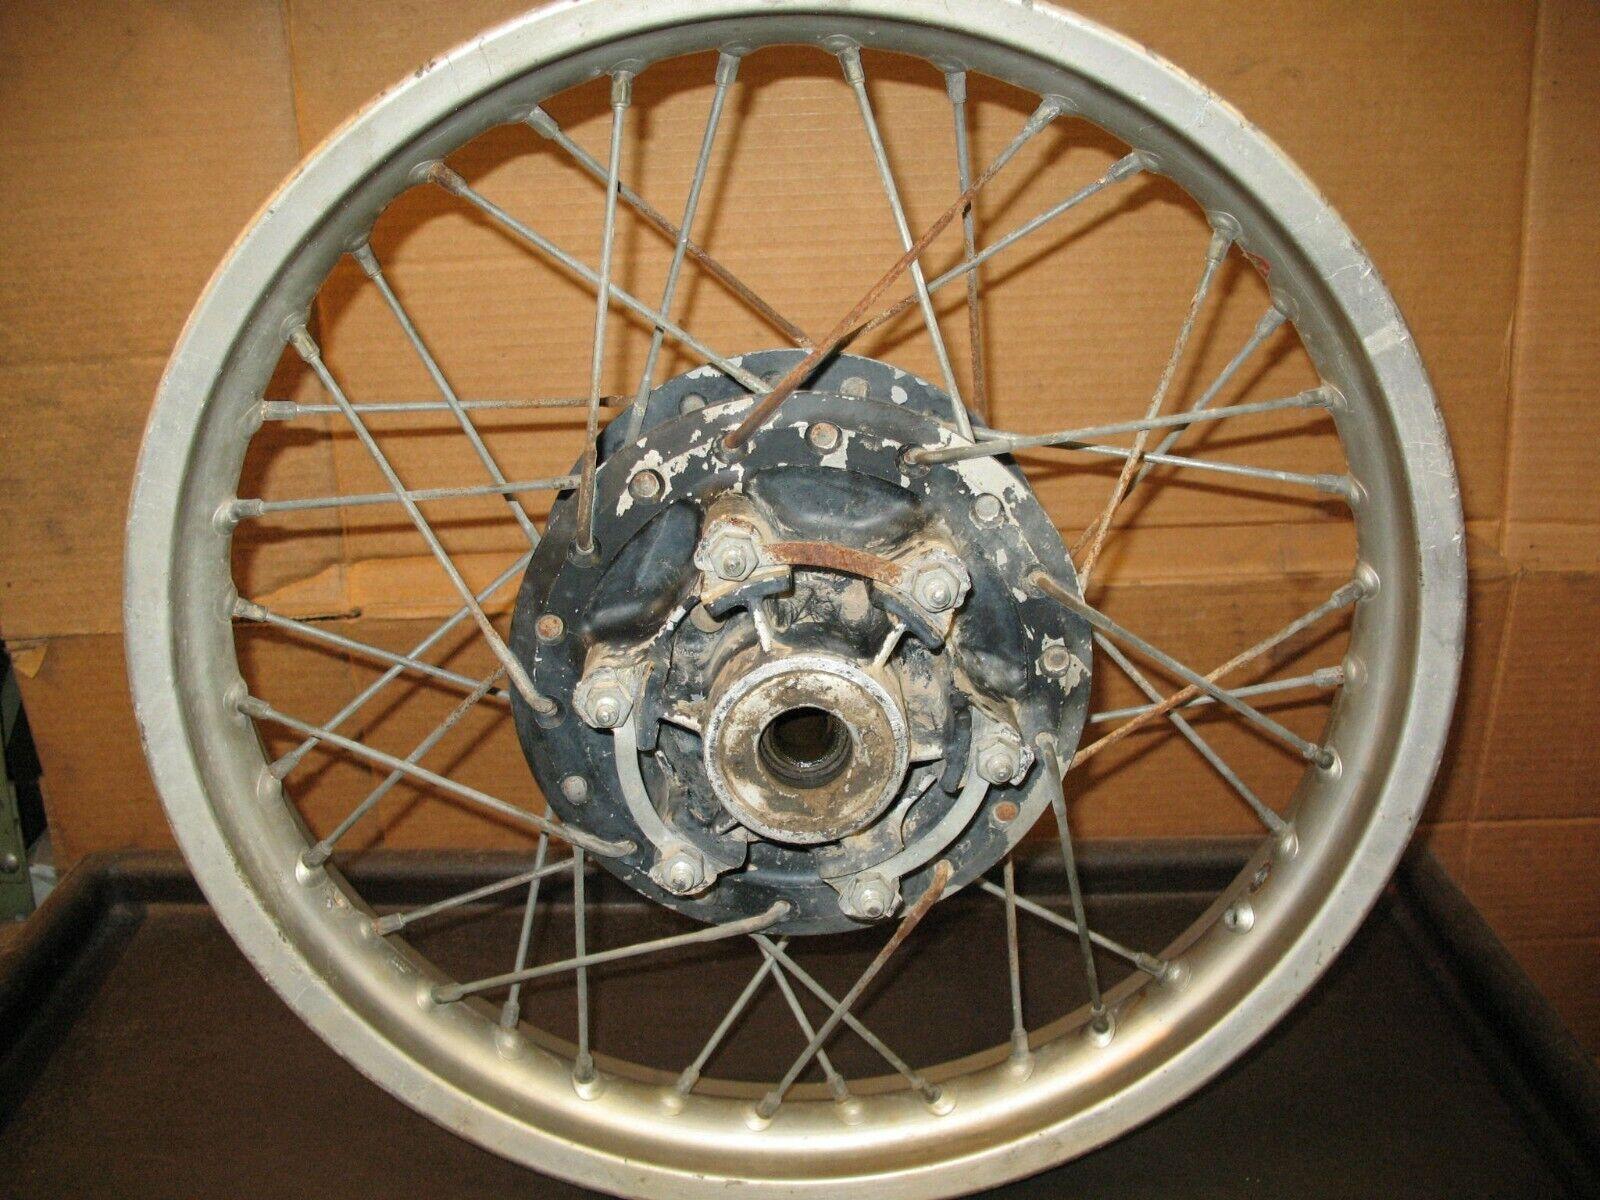 Road Passion Kupplung Lamellen Scheiben Standard 6 pcs f/ür XR250L //CR125R MTX125RWD //XR250R //XR250 //XR250 III //XR350R //XL350R